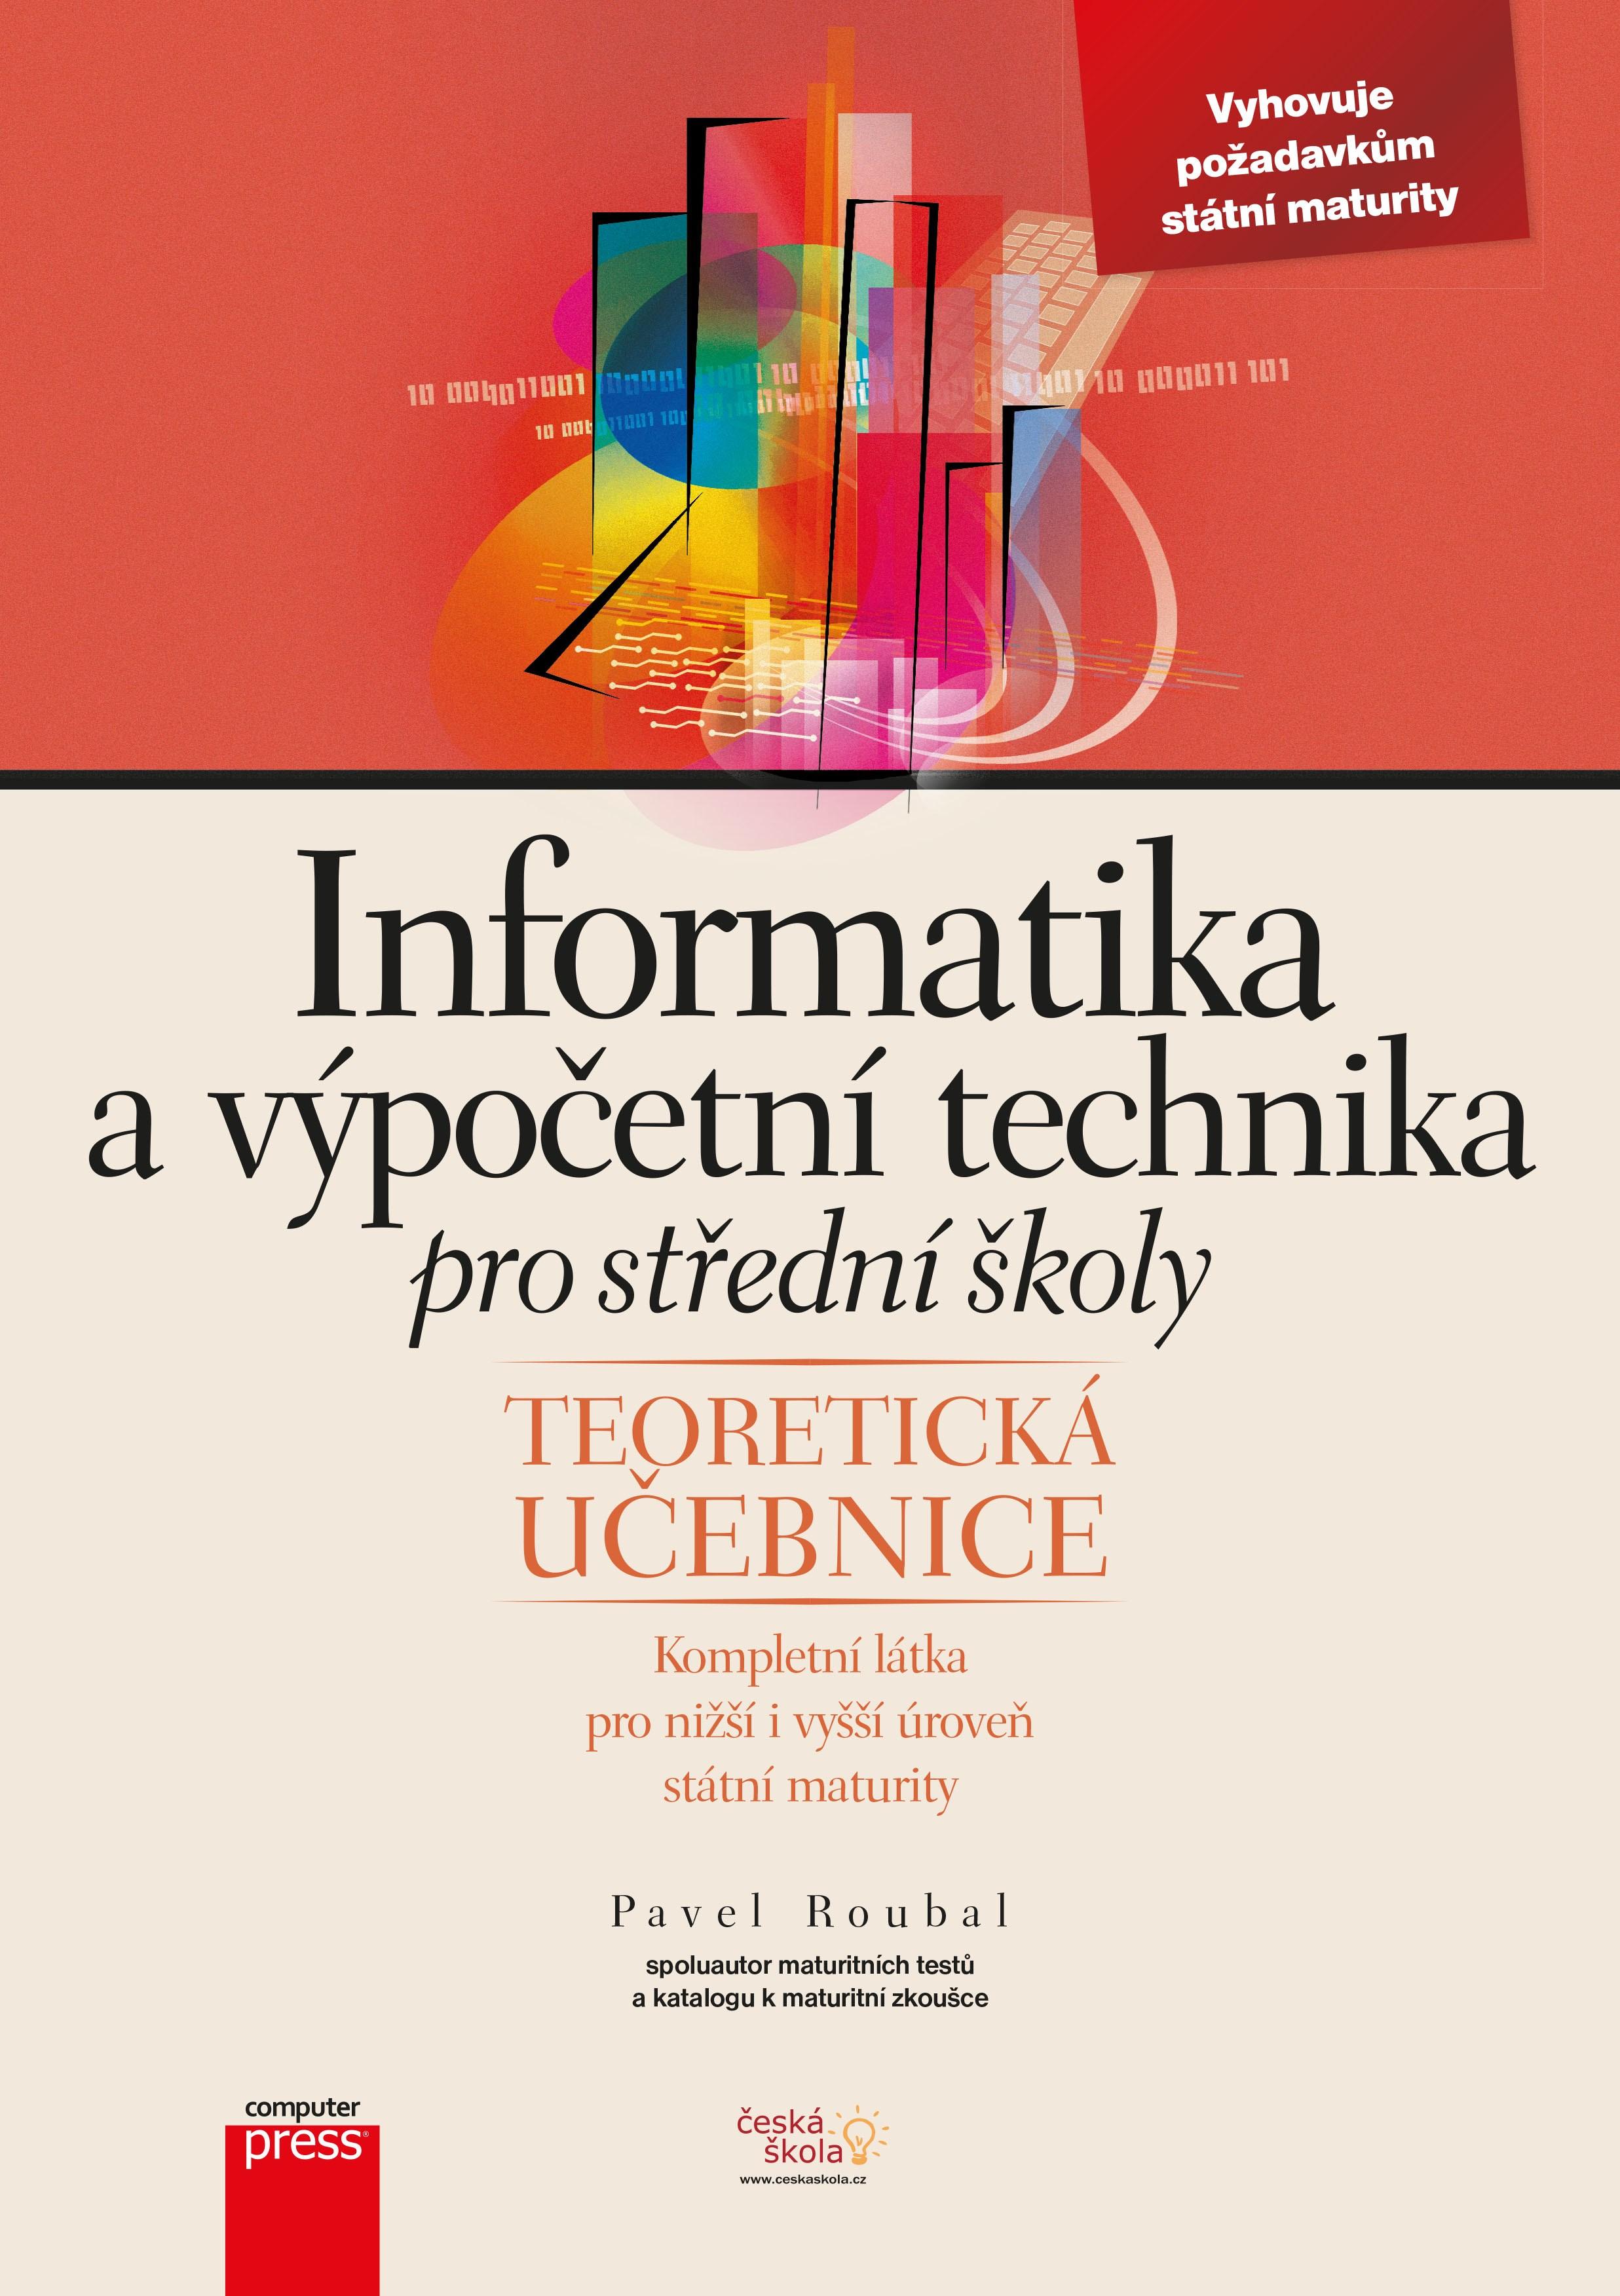 COMPUTER PRESS Informatika a výpočetní technika pro střední školy - Pavel Roubal